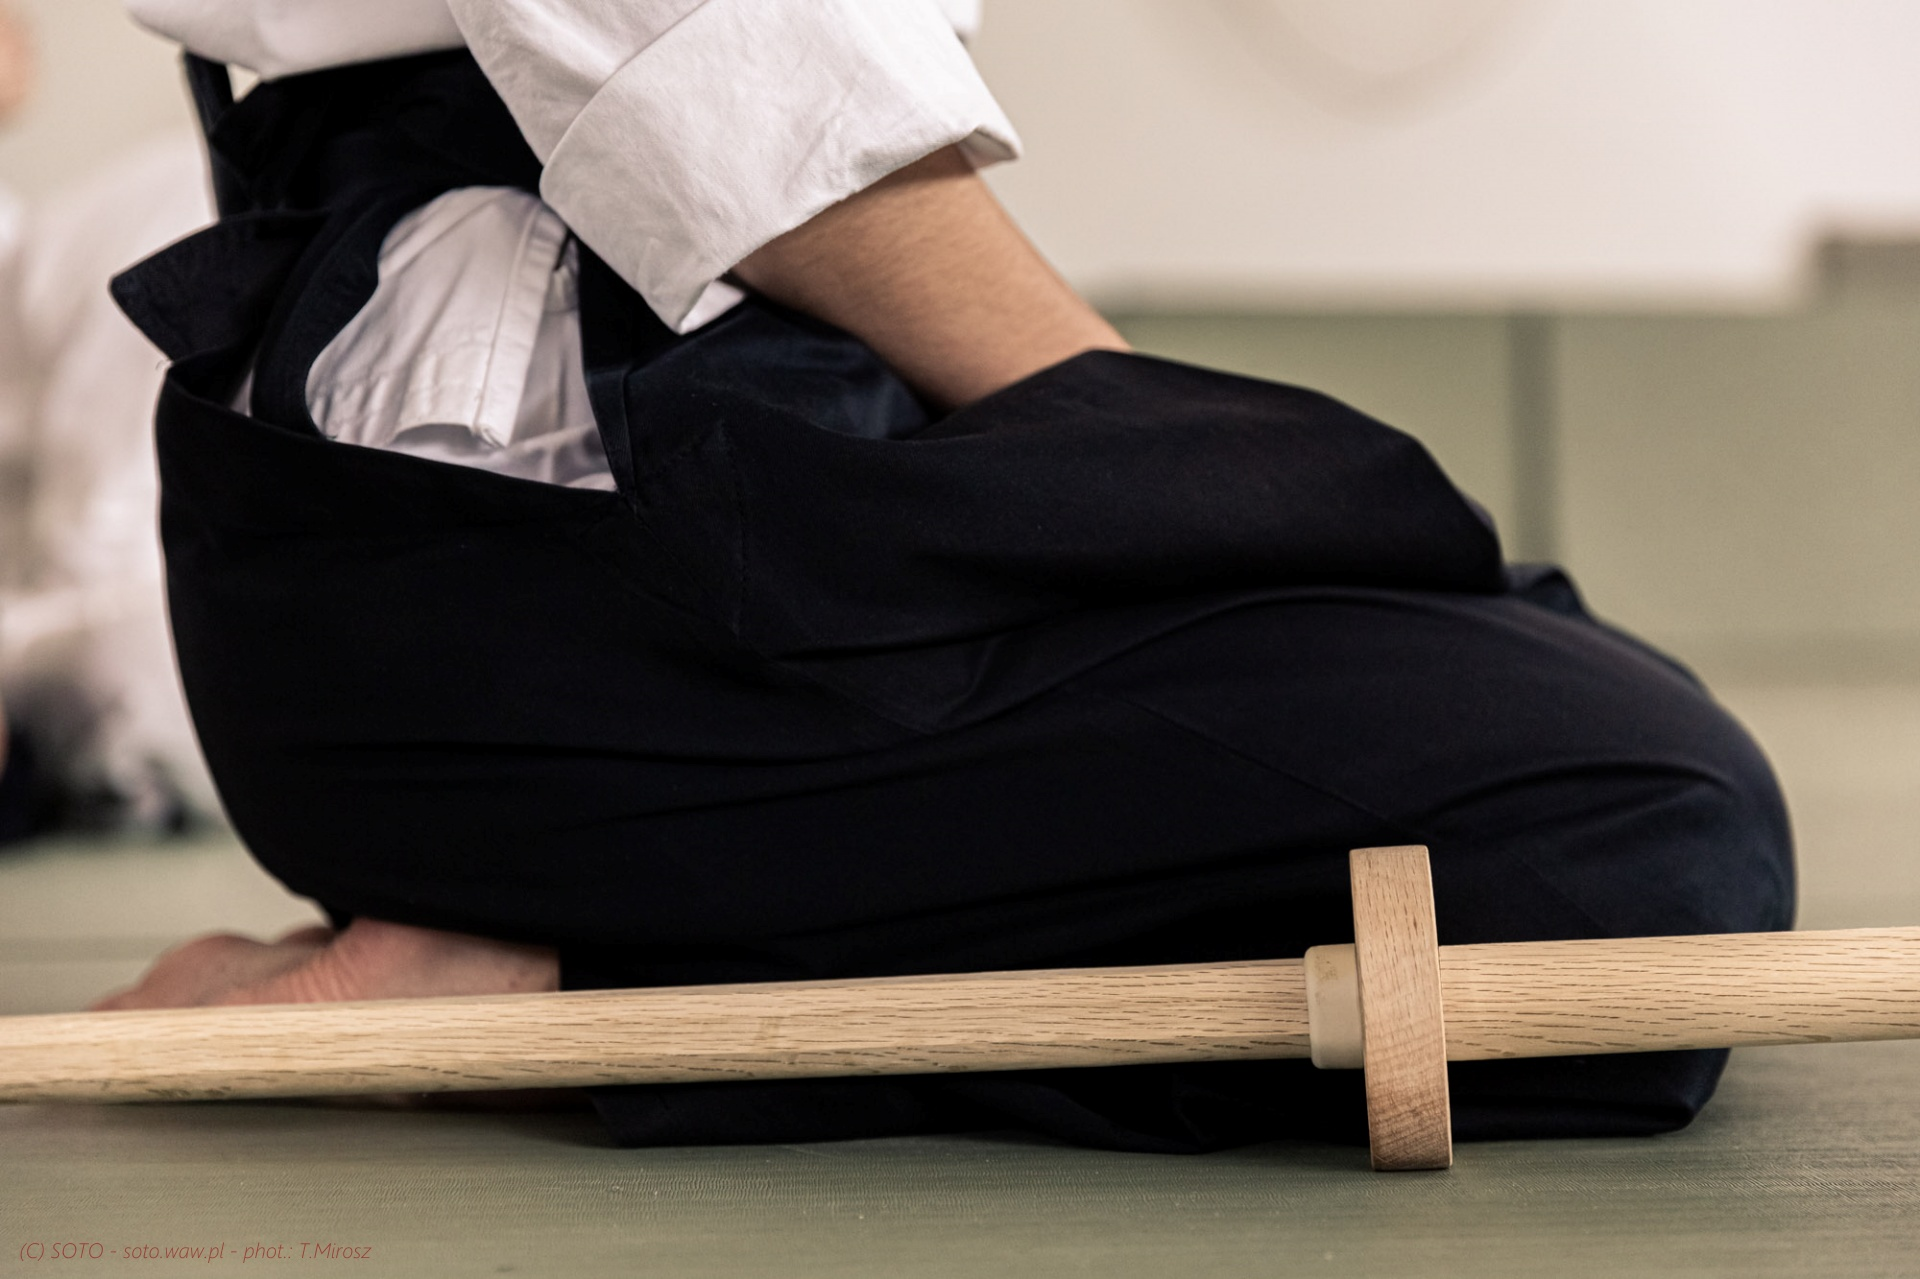 Problemy z kolanami w Aikido